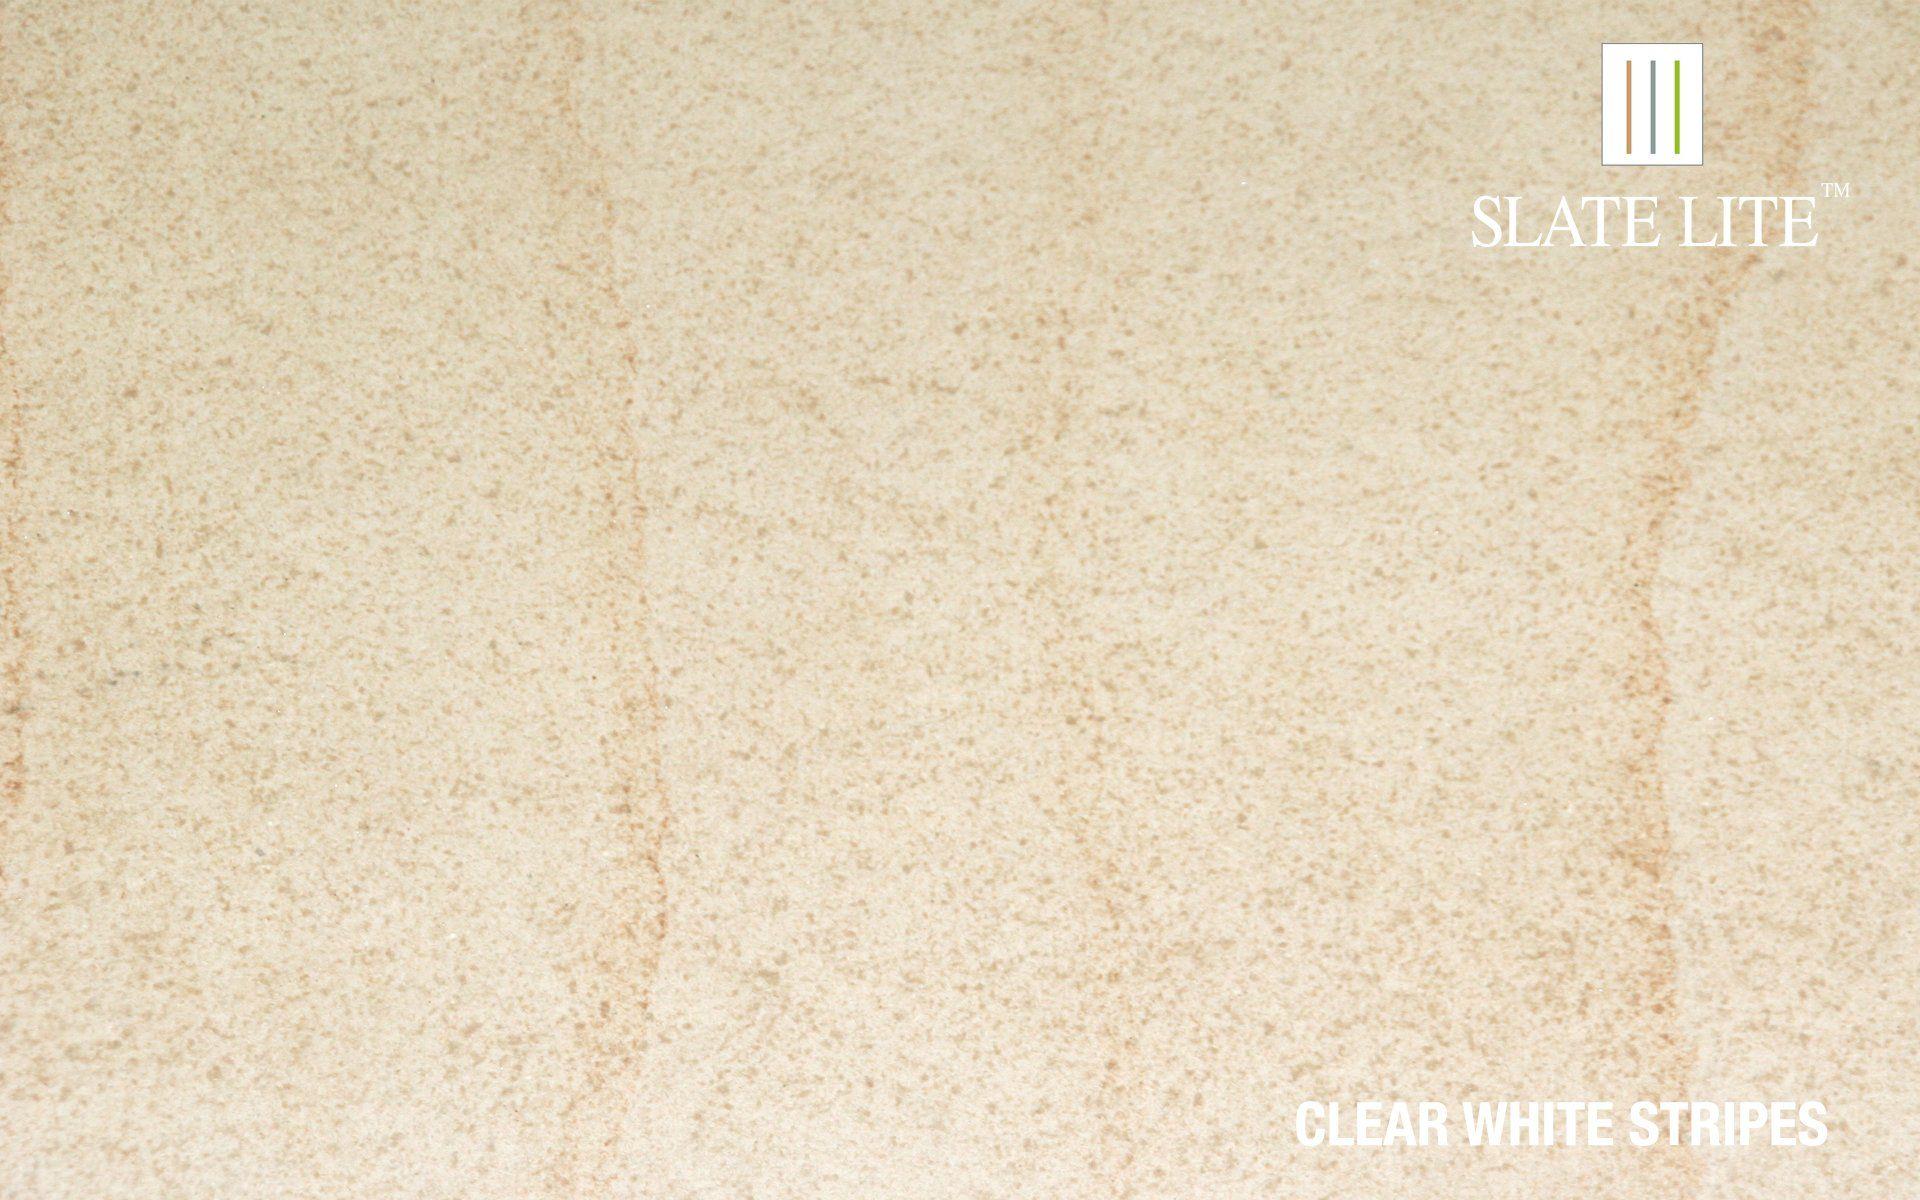 clearwhitestripes01.jpg